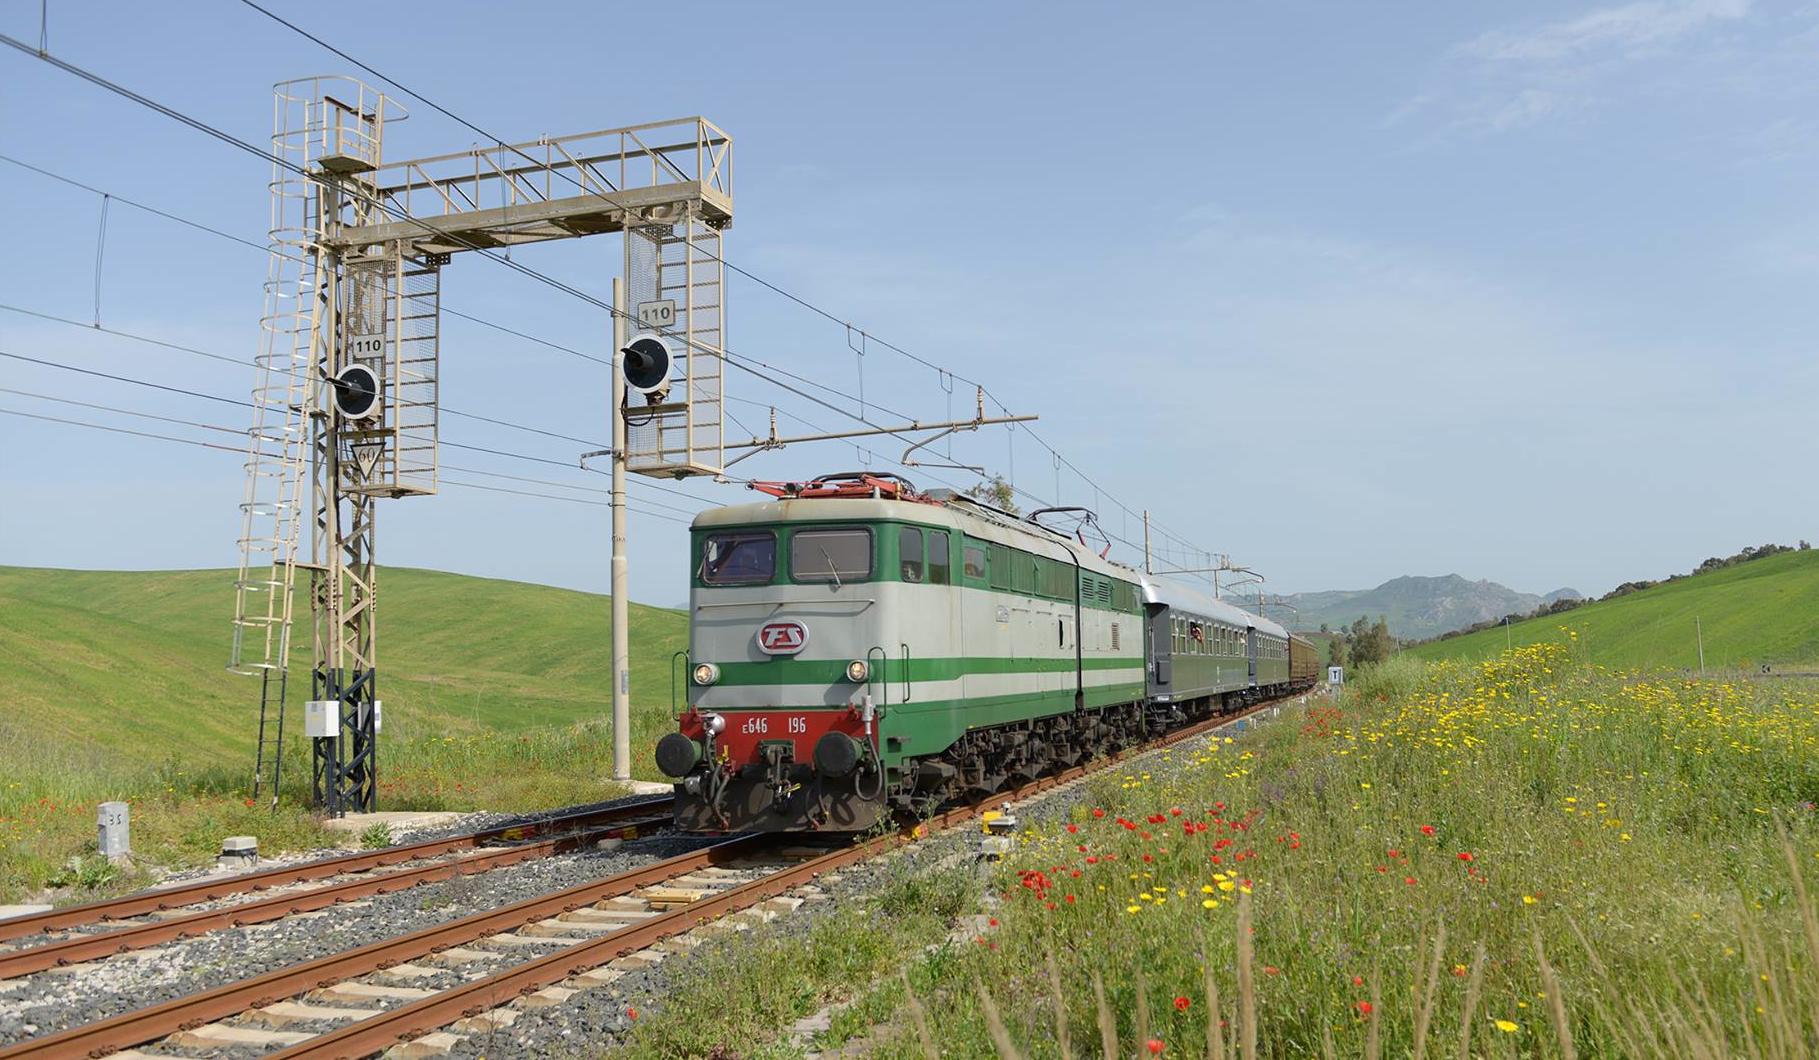 Calendario Treni Storici 2020.Al Via I Treni Storici Del Gusto In Sicilia Gazzetta Del Sud